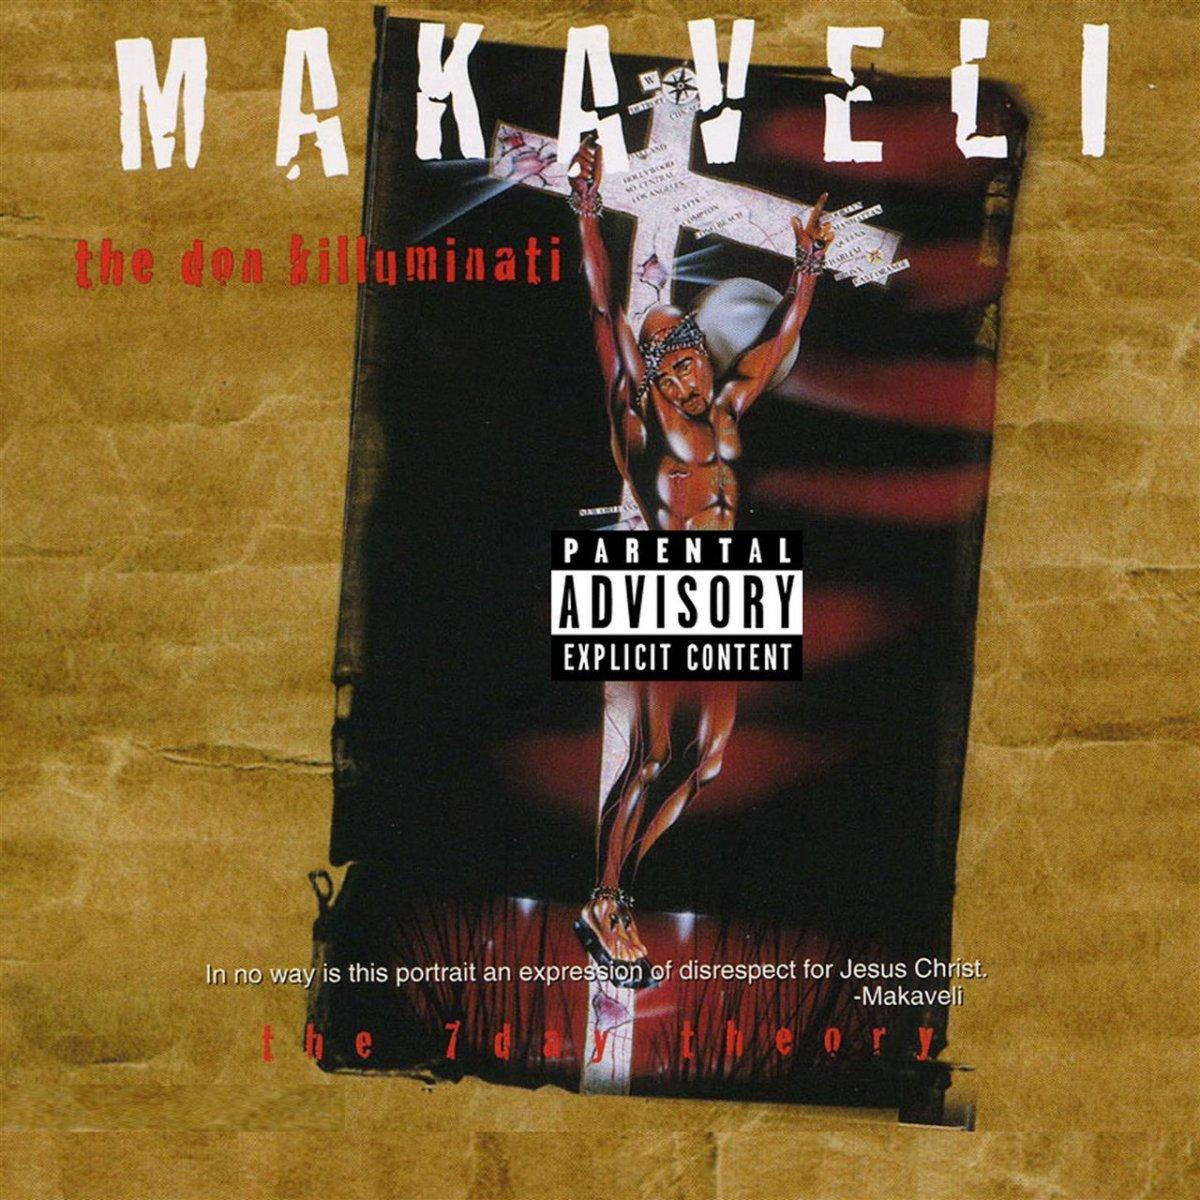 Makaveli - The Don Killuminati: The 7 Day Theory (Cover)